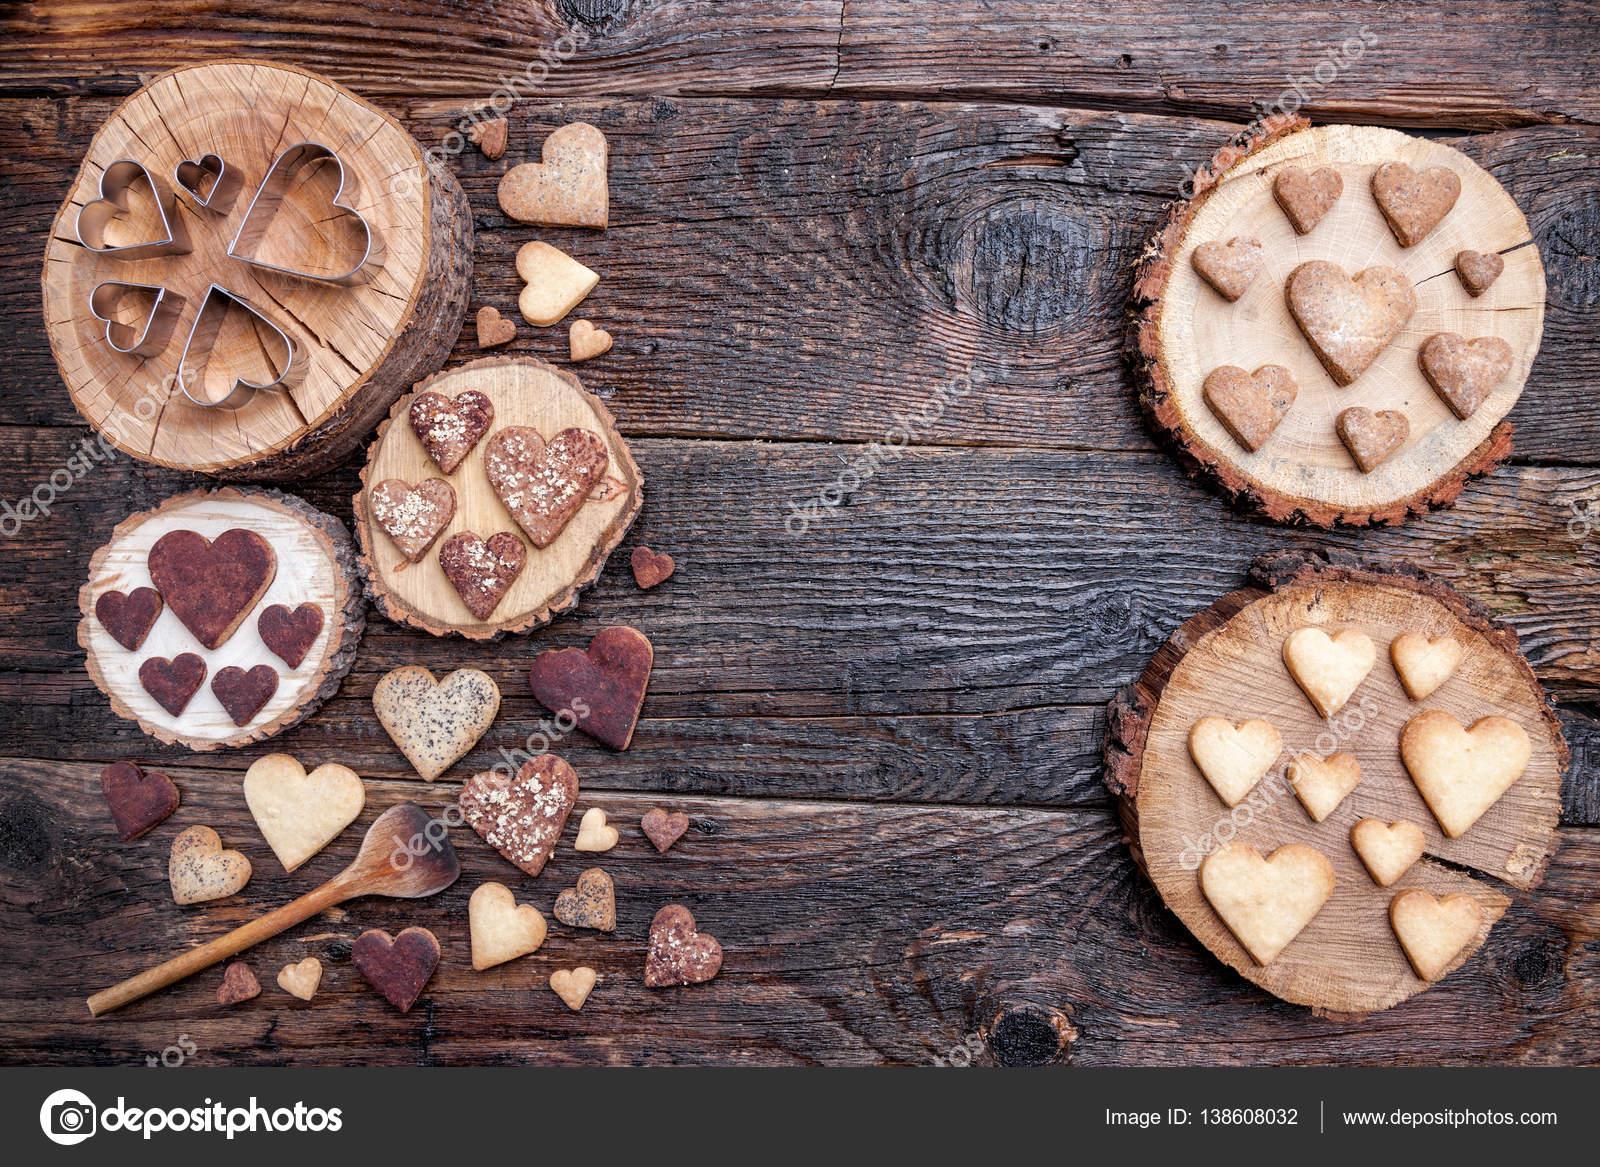 Liefde Walnoot Hout : Heerlijke hartvormige koekjes gebakken met liefde u stockfoto